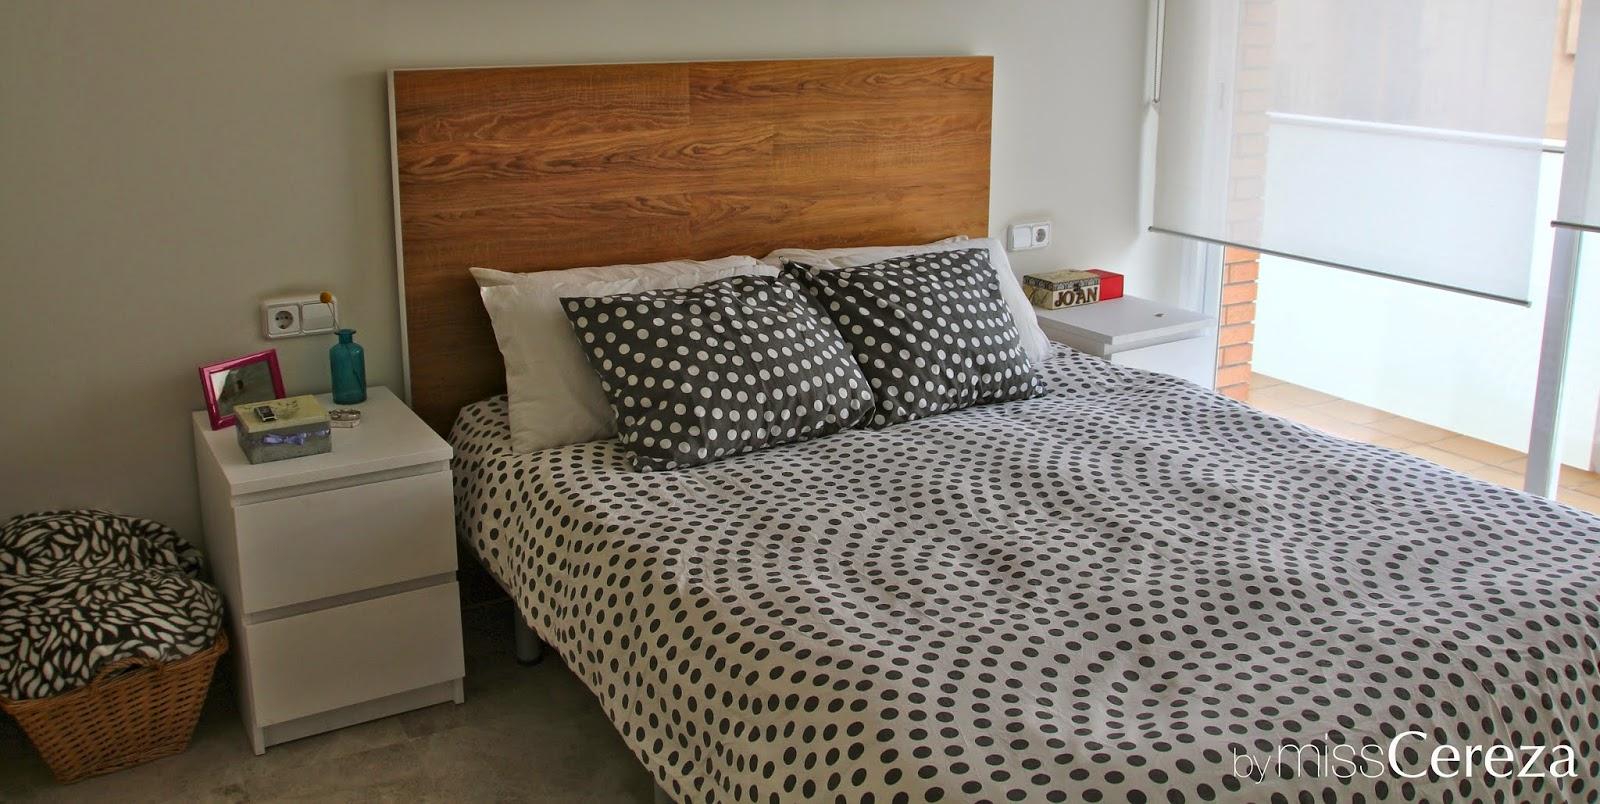 Miss Cereza DIY cambiando un cabecero de cama de ikea